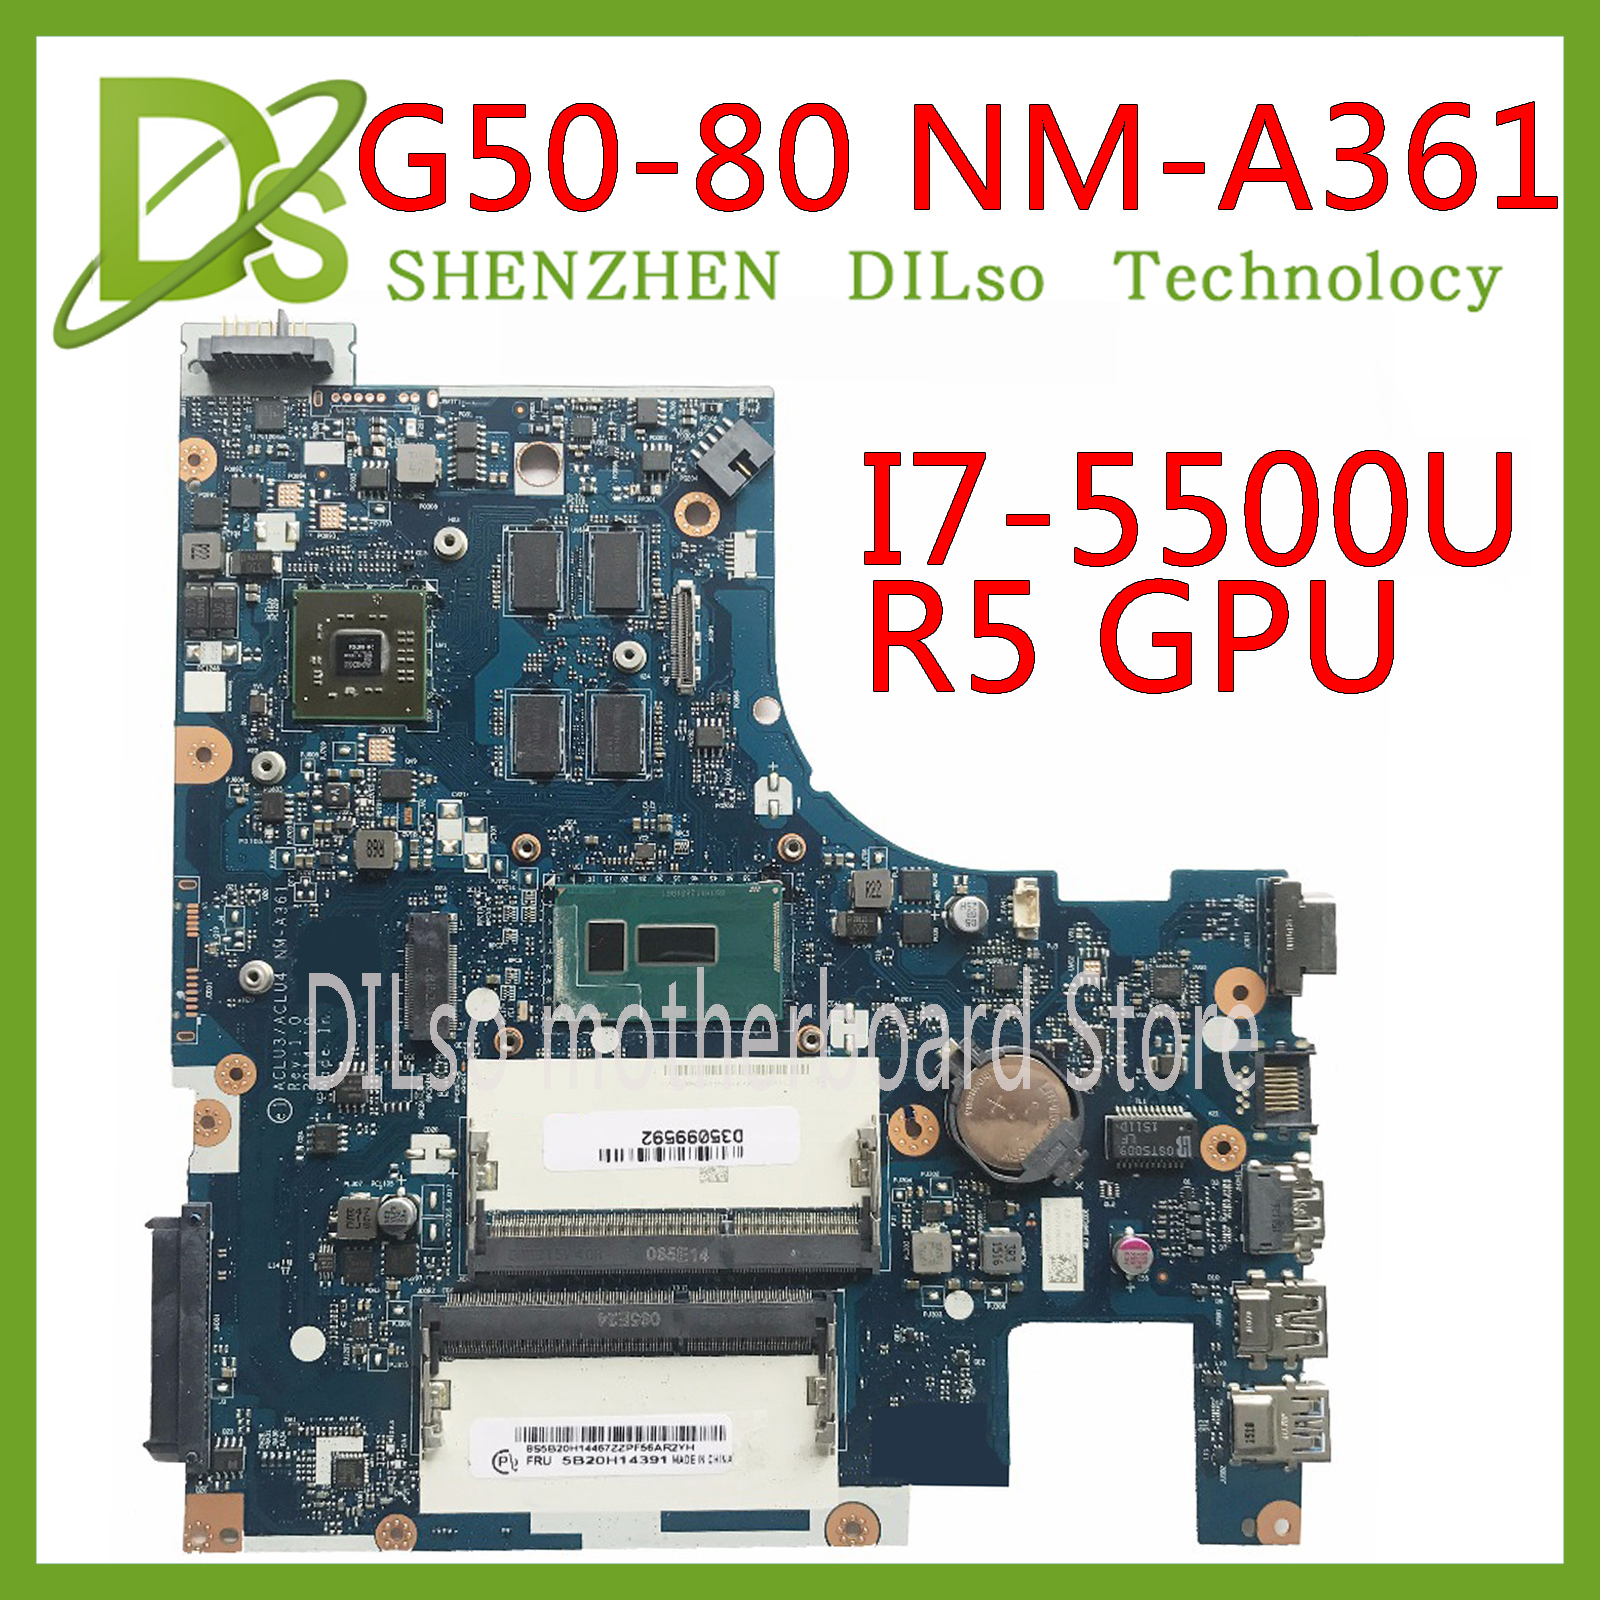 KEFU NM-A361 carte mère pour Lenovo G50-80 ACLU3/ACLU4 NM-A361 PM ordinateur portable carte mère ordinateur portable I7-5500 CPU Test d'origine